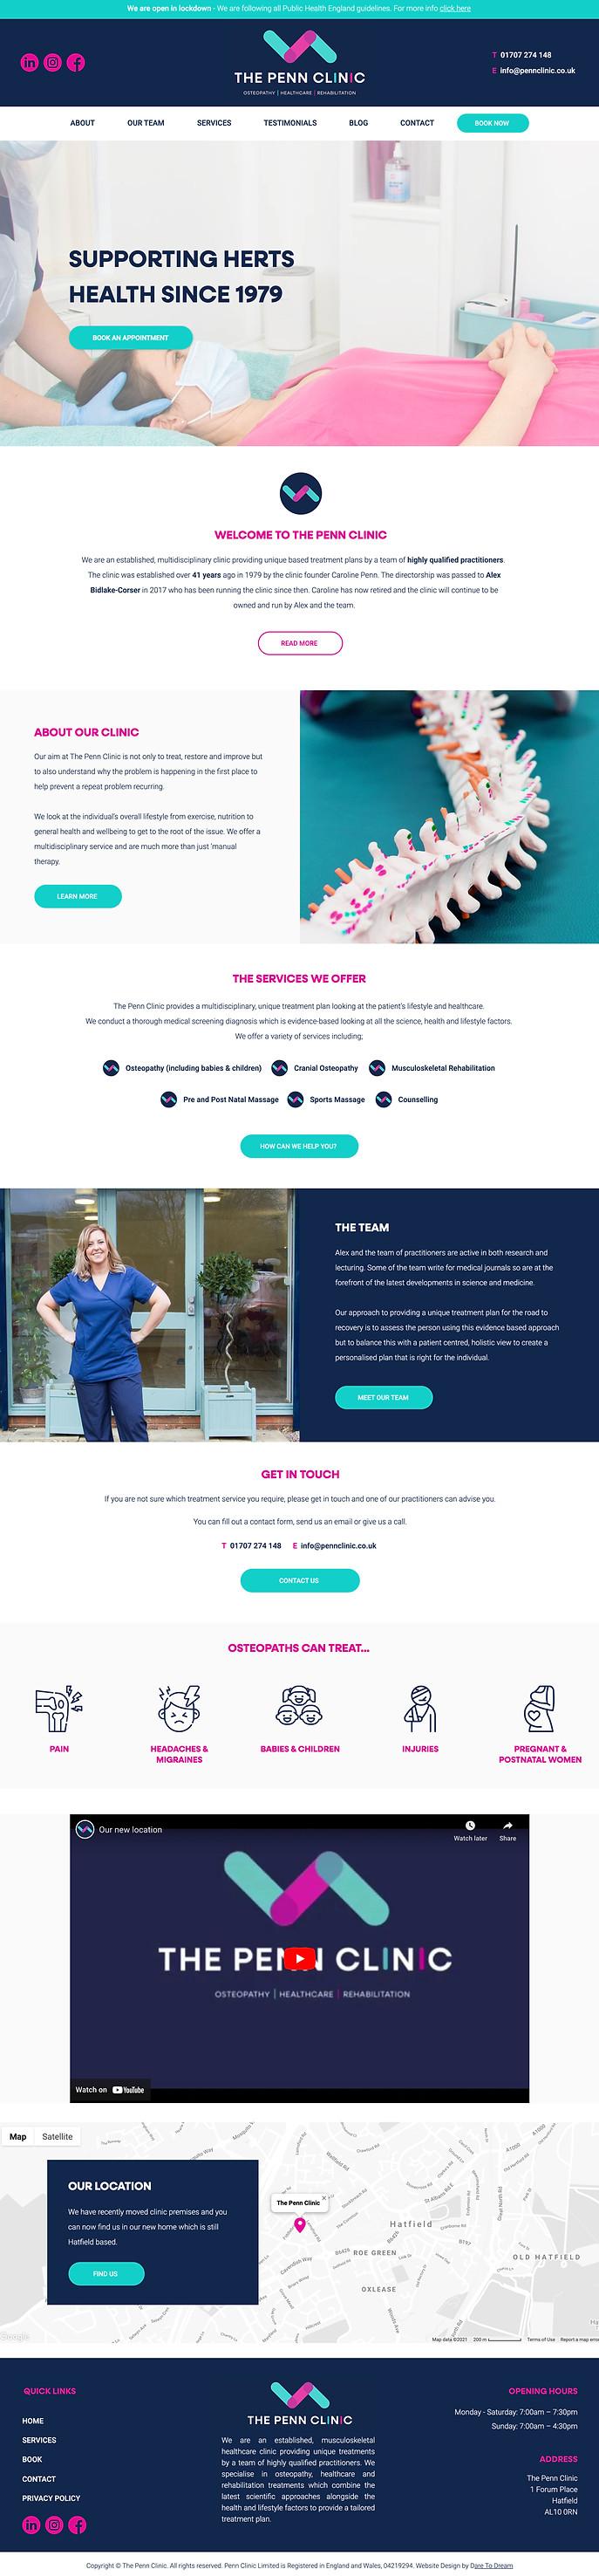 Penn Clinic.jpg